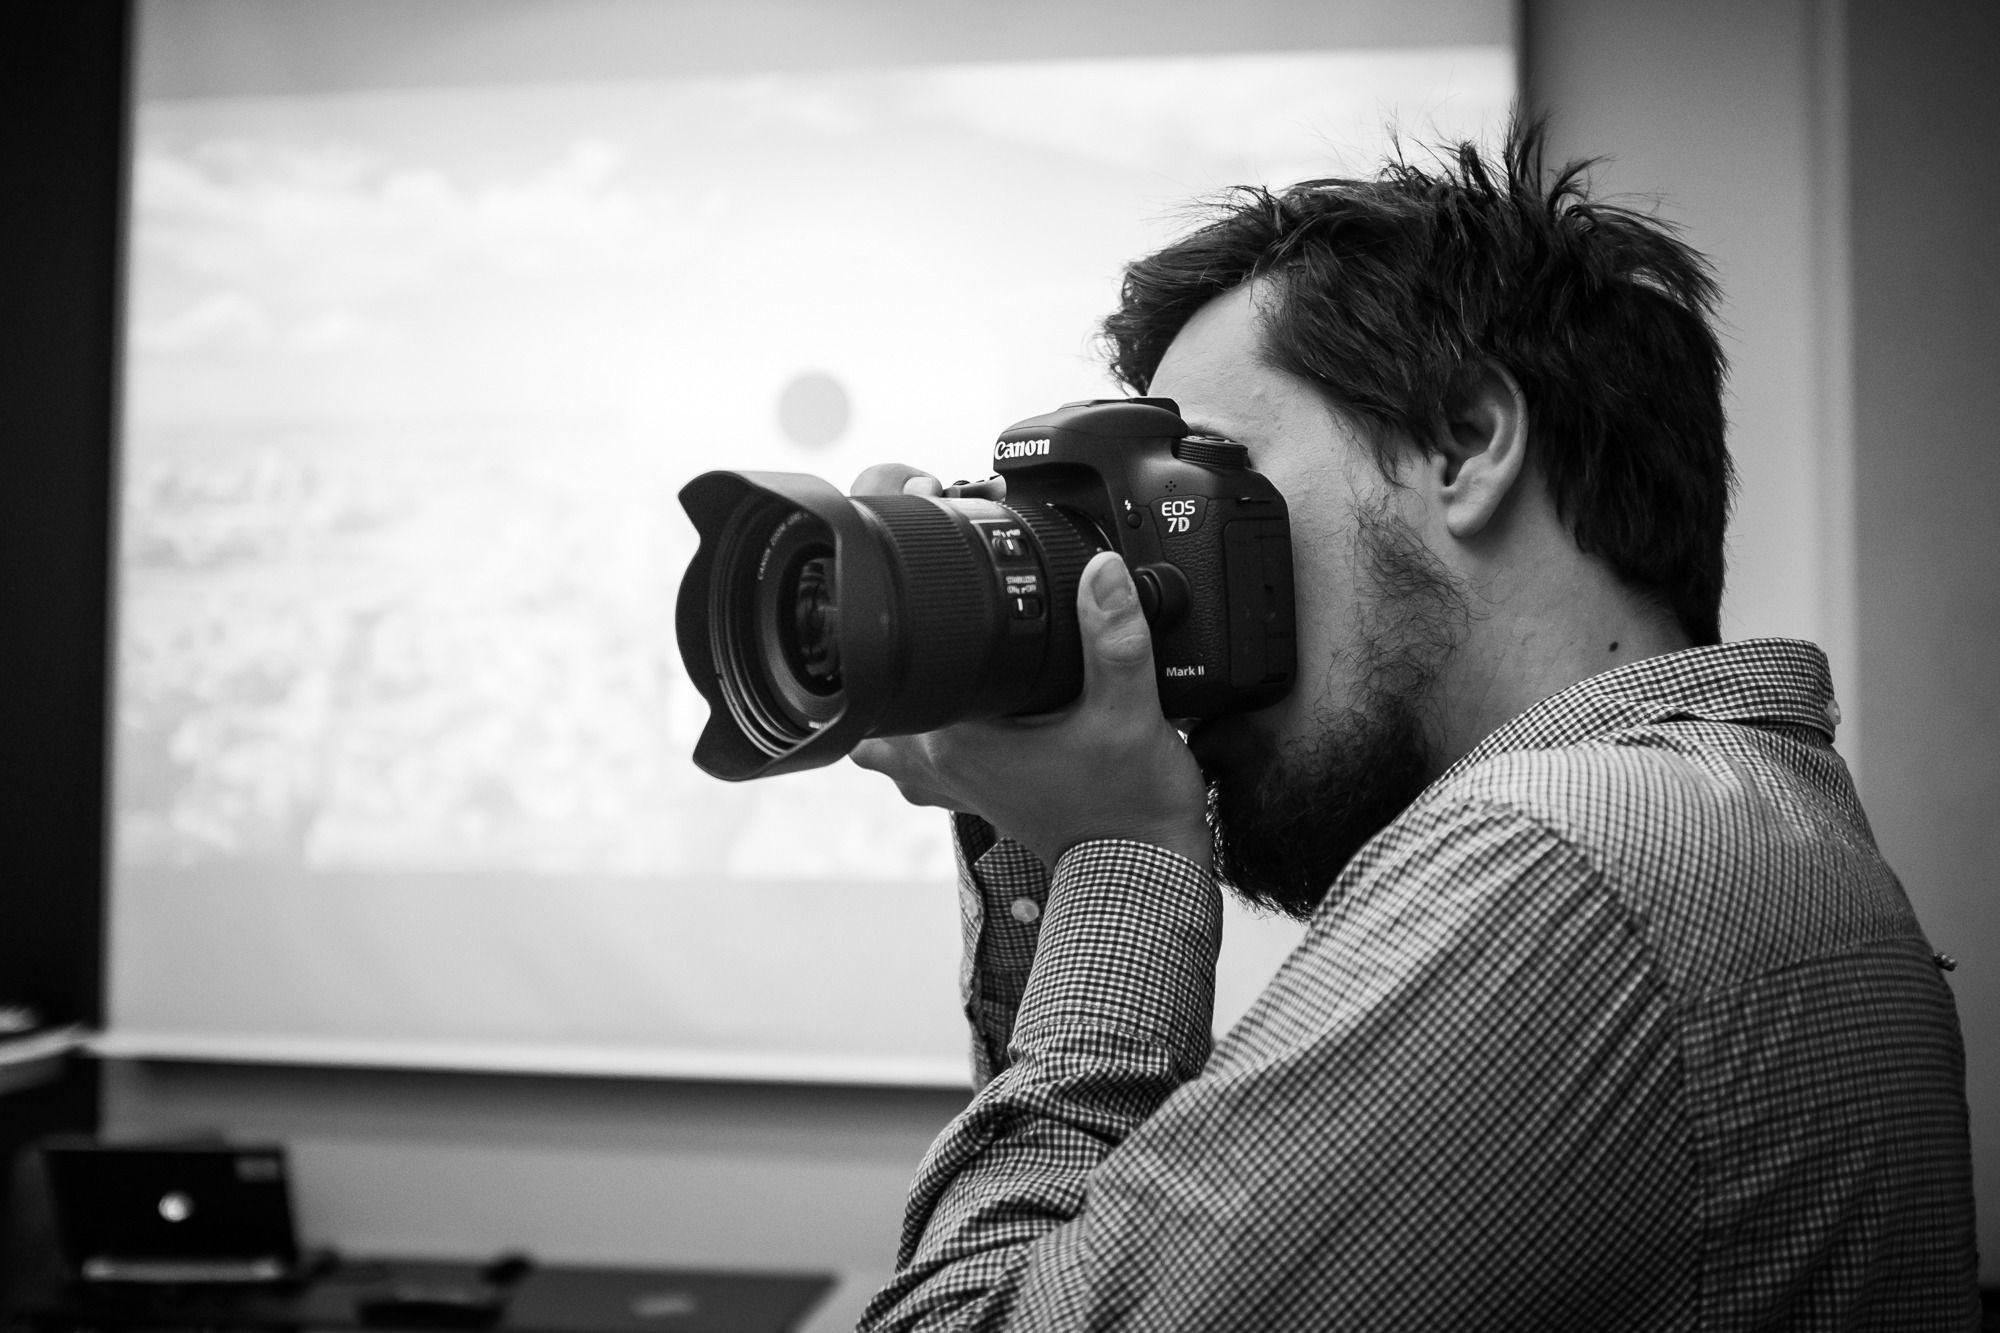 Canon EOS 7D Mark II ligger godt i hånden. (Foto: Johannes Granseth)